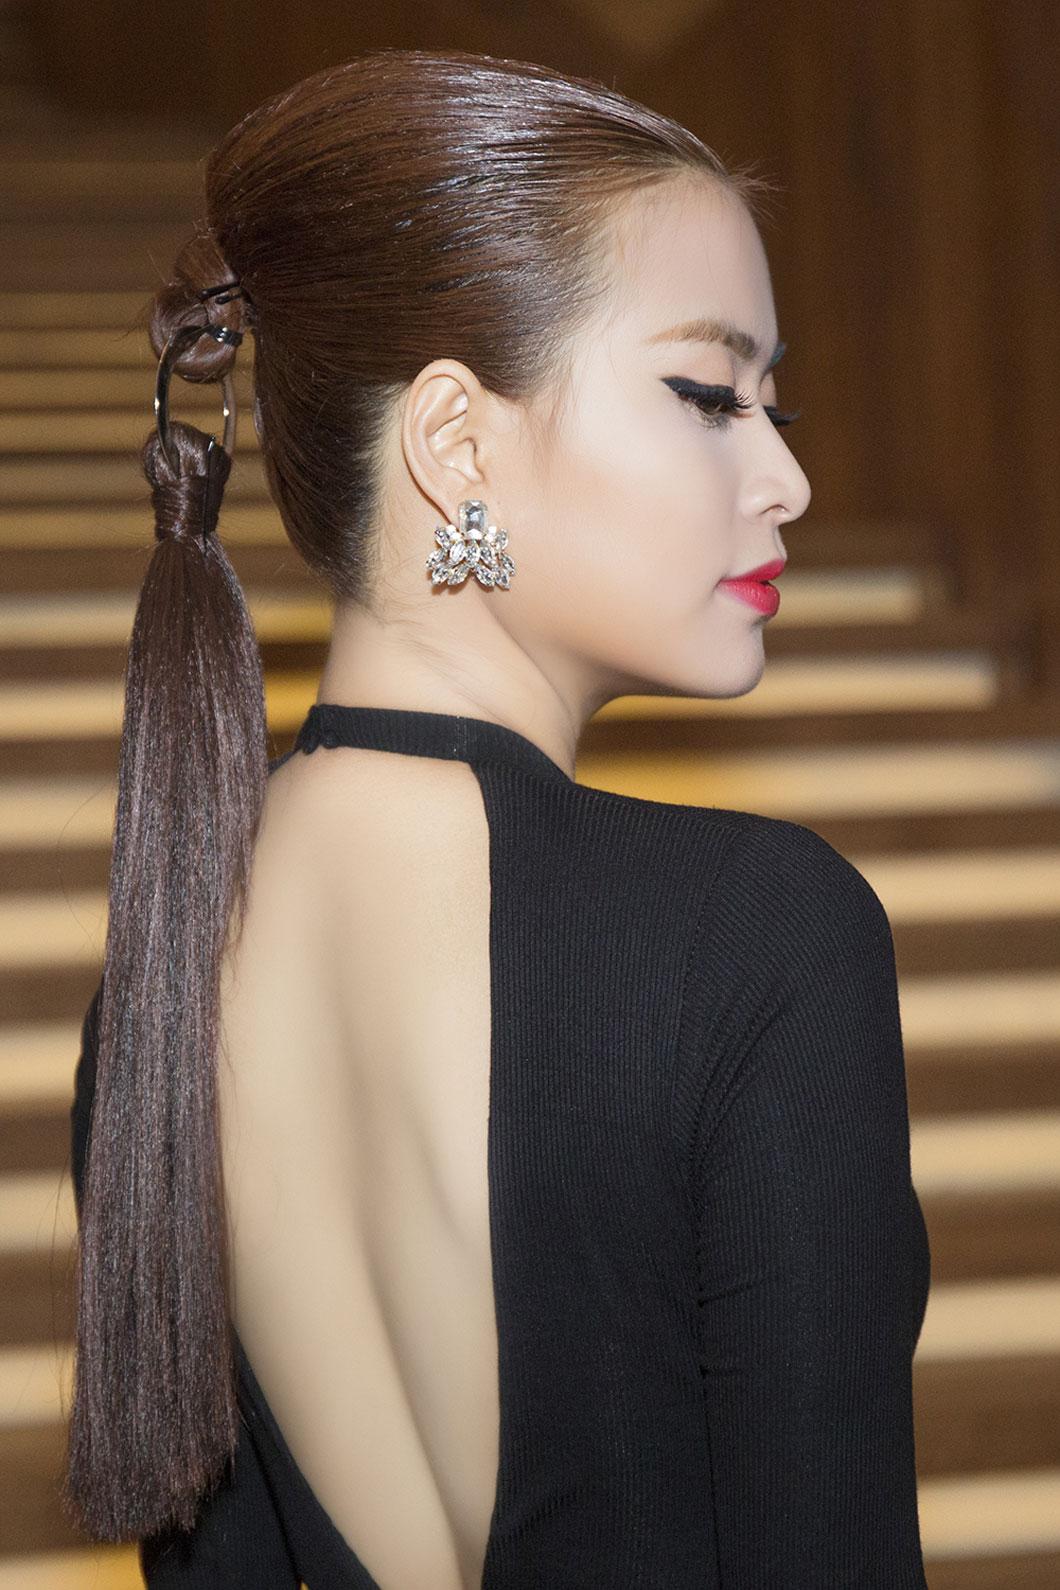 Trước đó, Hoàng Thùy Linh cũng gây chú ý tại sự kiện với kiểu tóc móc nối tương tự. Phần tóc như đứt lìa gây tranh cãi nhưng vẫn giúp người đẹp có vẻ ngoài hiện đại, tạo điểm nhấn khi mặc bộ đồ đen cơ bản.